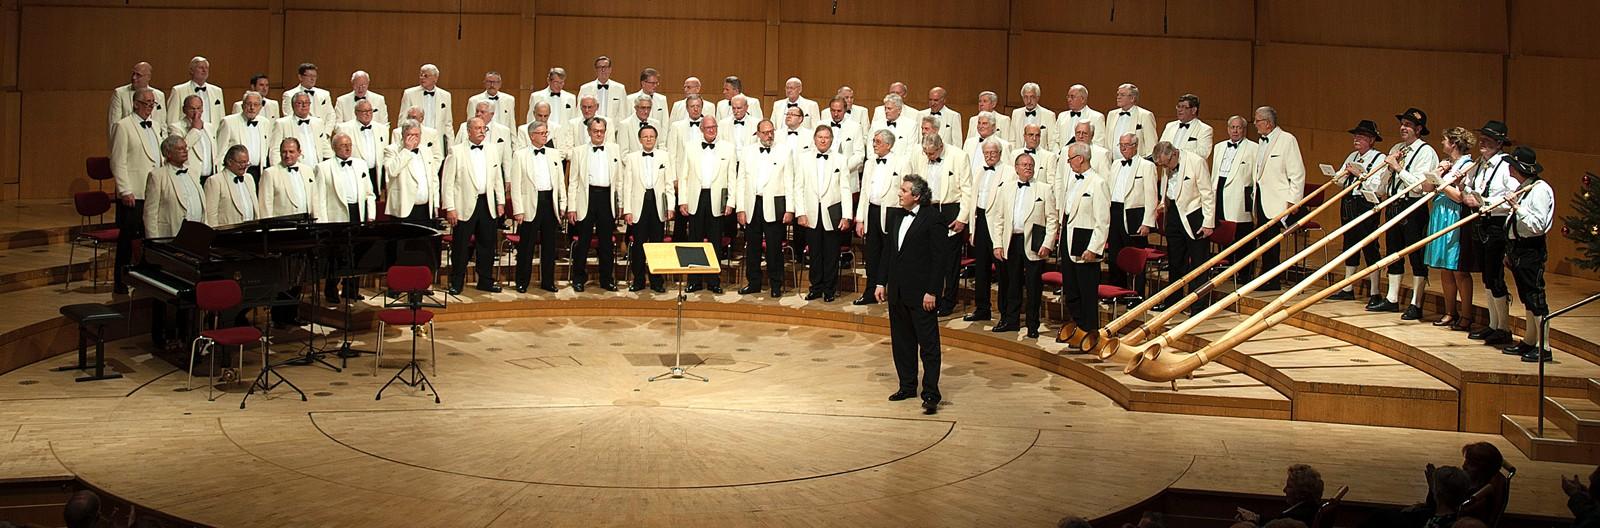 Auftritt in der Kölner Philharmonie.